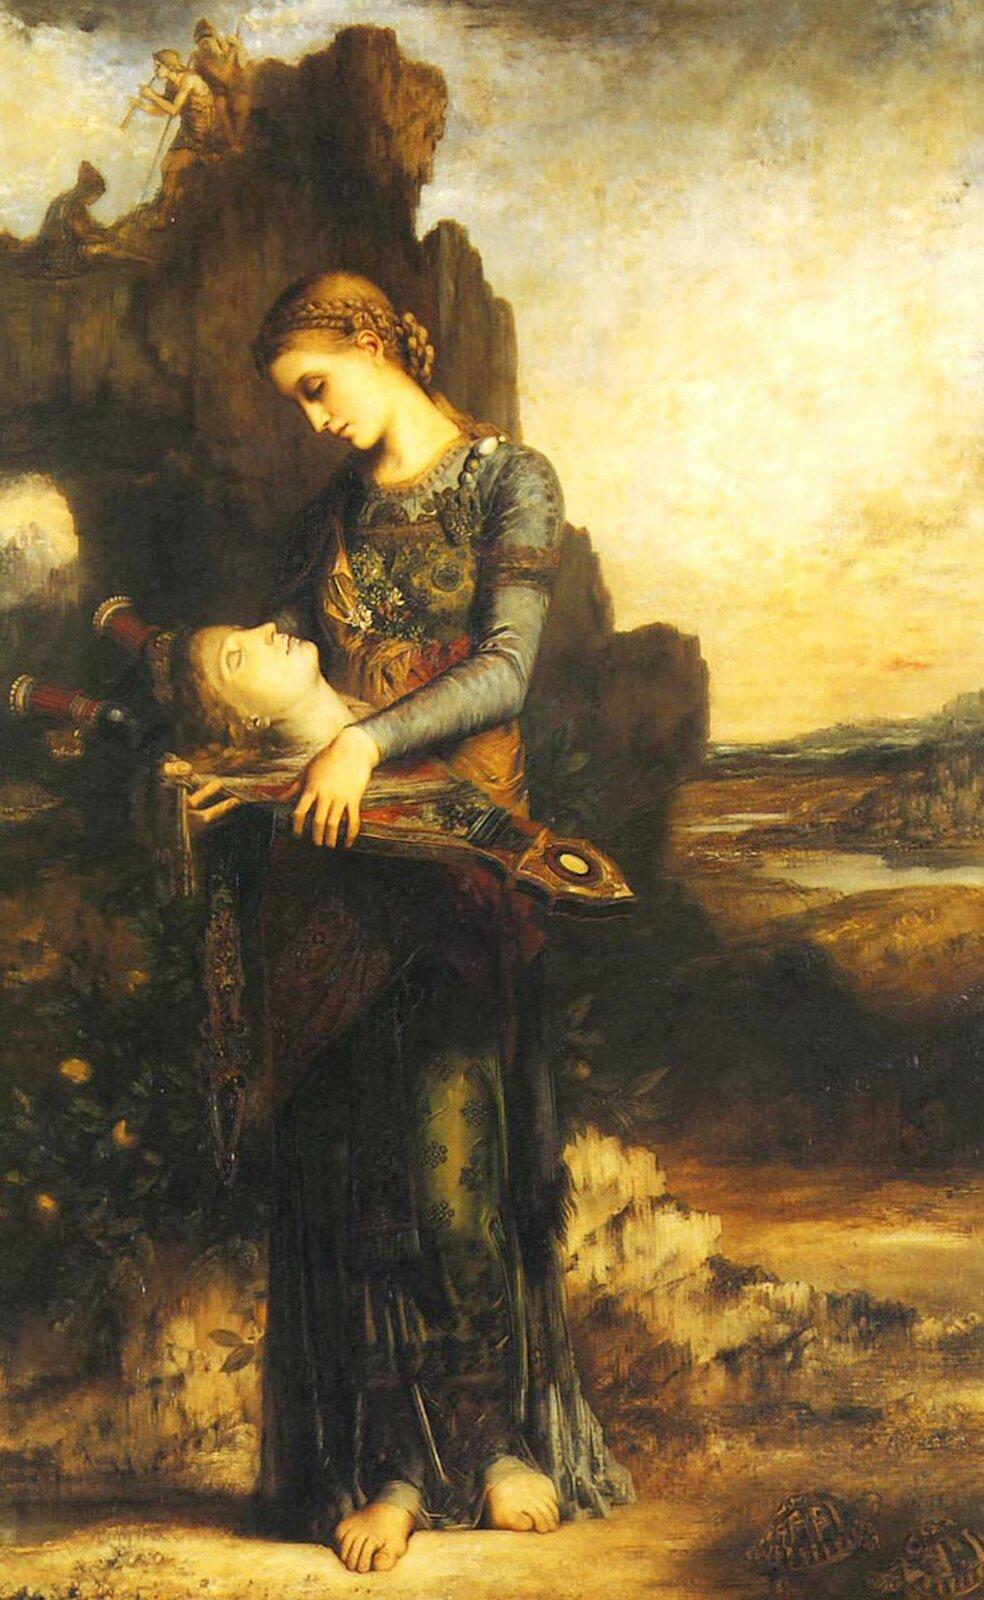 """Fotografia przedstawia obraz Gustave Moreau pt. """"Orfeusz"""" z1865 roku. Obraz jest interpretacją mitu oOrfeuszu. Dzieło Moreau przedstawia tracką młodą kobietę, która wydobyła głowę zrzeki ipołożyła na kitarze (lub lirze), tuląc jednocześnie ją do piersi. Postać dziewczyny rozświetlana jest światłem, ajej regularny profil kontrastuje zrozmytym masywem górskim. Ztwarzy mężczyzny emanuje spokój, we włosach widoczna jest ozdobna opaska, ajego loki miękko układają się na instrumencie."""